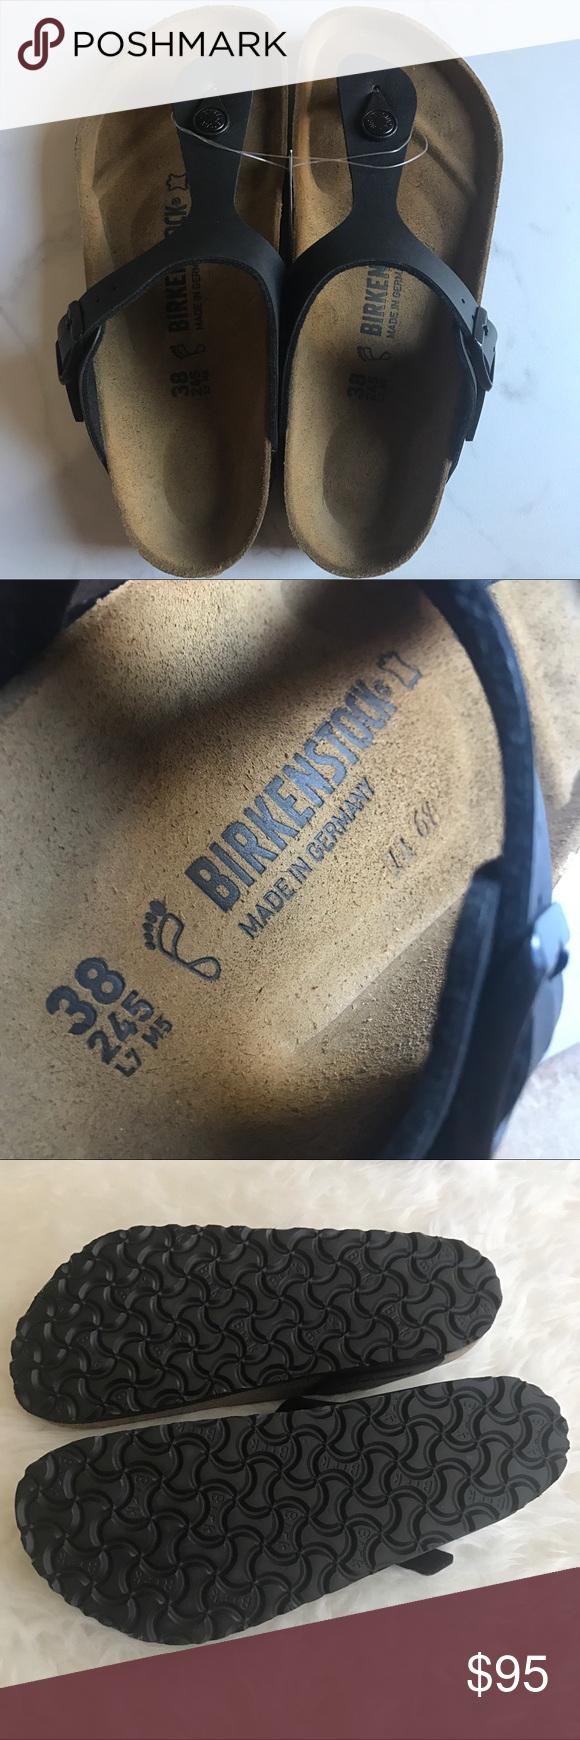 Black sandals size 7 - Birkenstock Gizeh Black Sandals Size 38 7 Birkenstock Gizeh Black Sandals Size 38